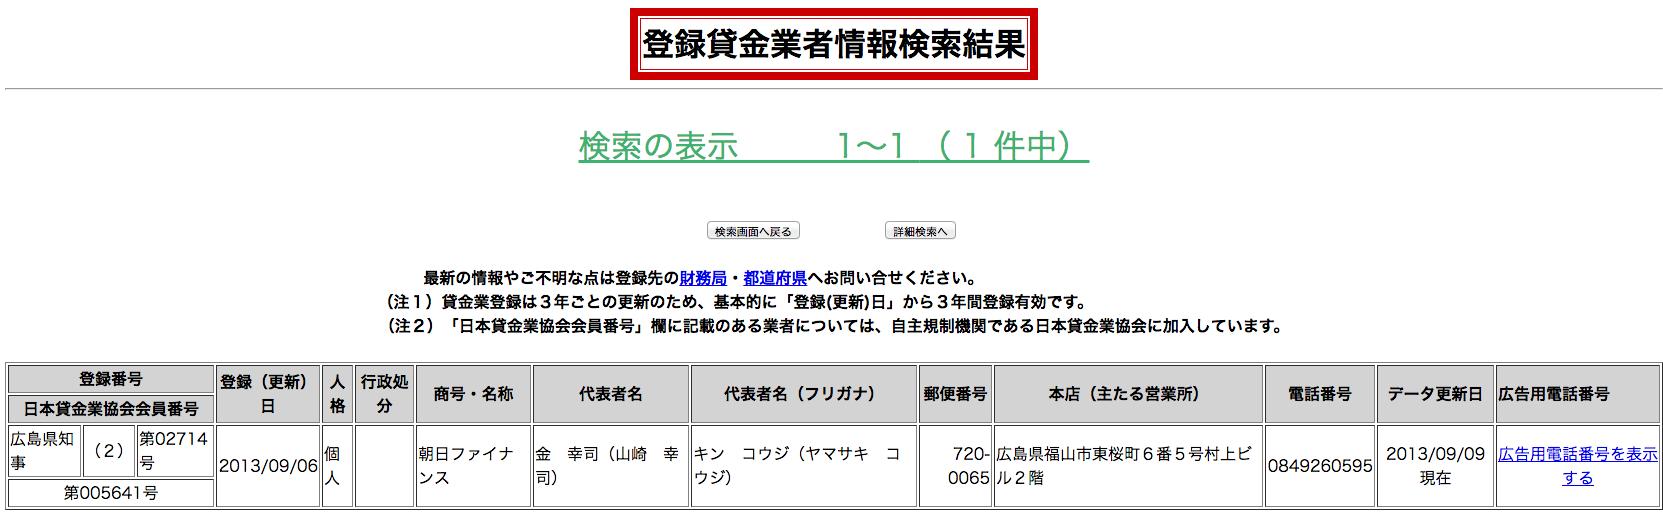 広島県知事(2)第02714号